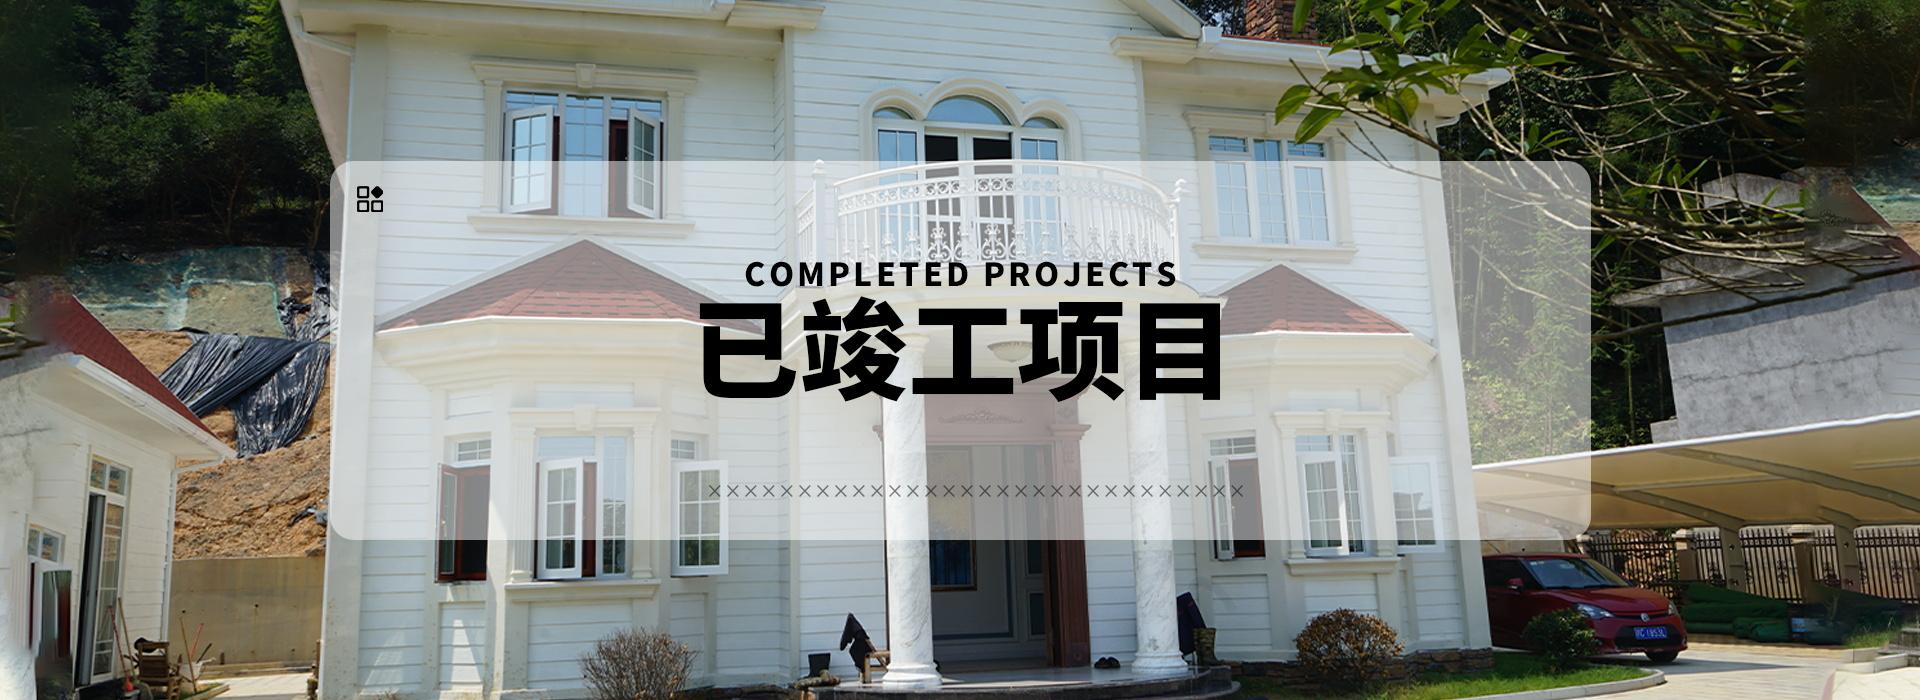 已竣工项目